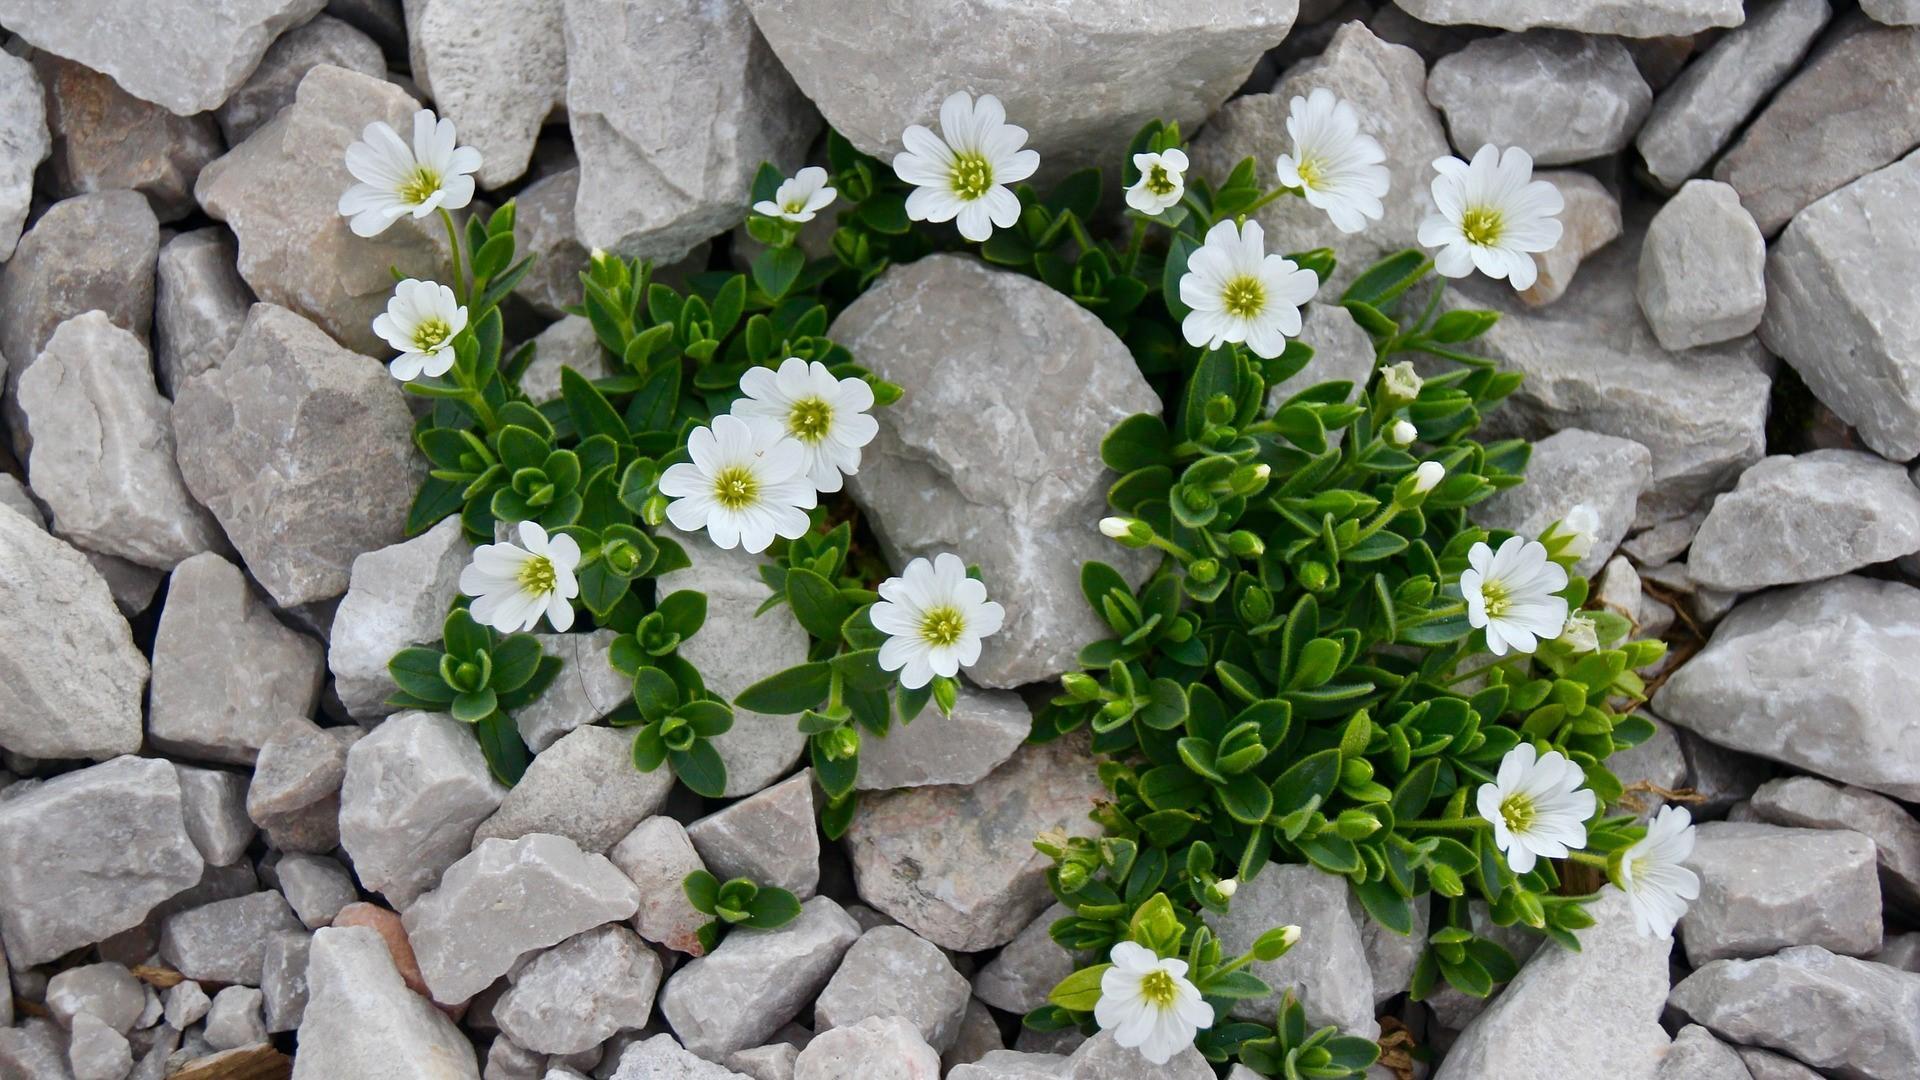 Kiesgarten bepflanzen: Tipps für die Balance zwischen Kies und Grün